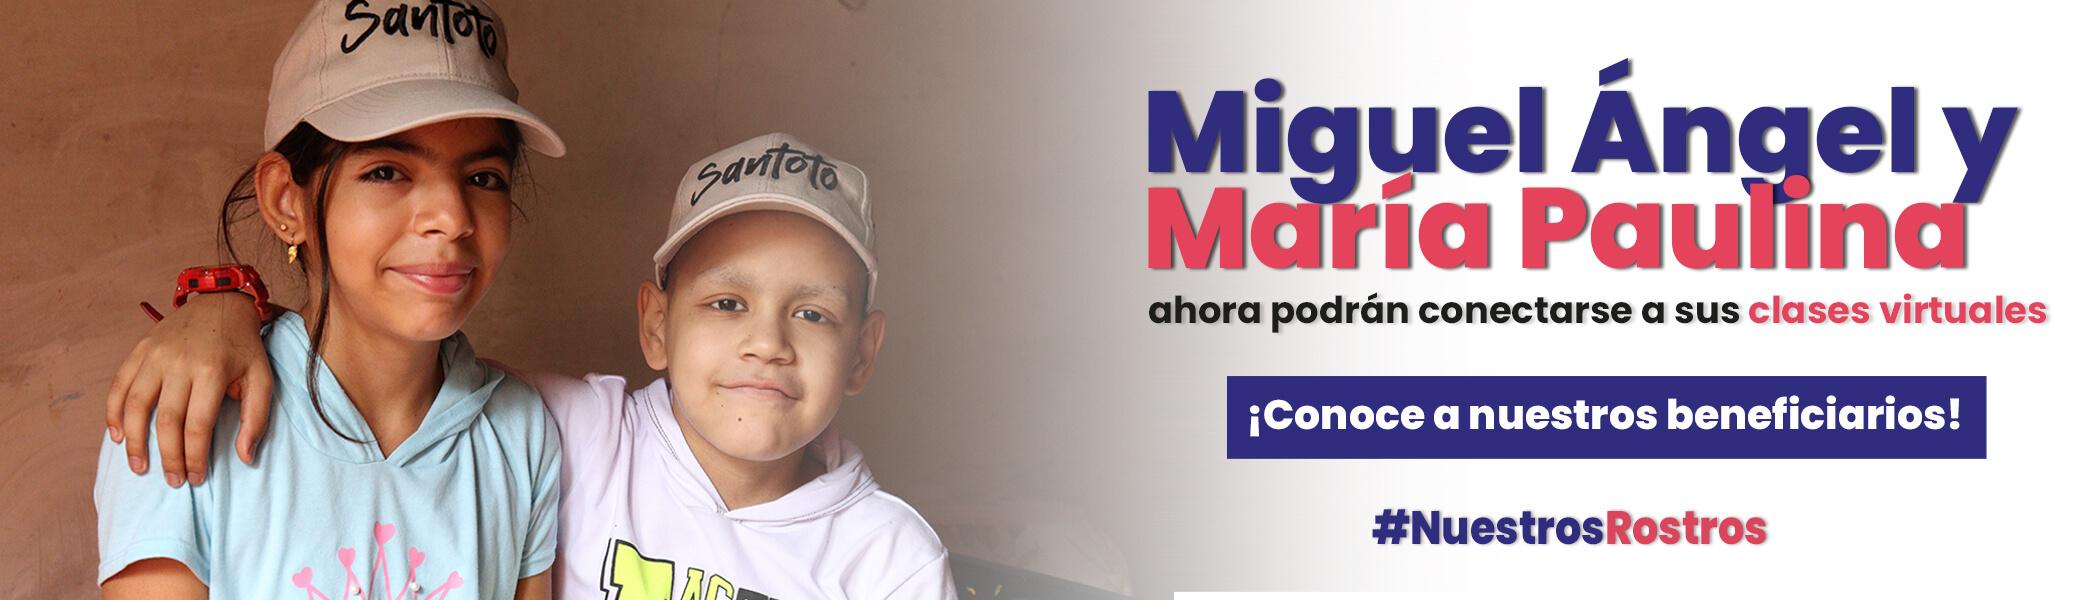 banner-solidaridad-miguel-y-amria-paulina